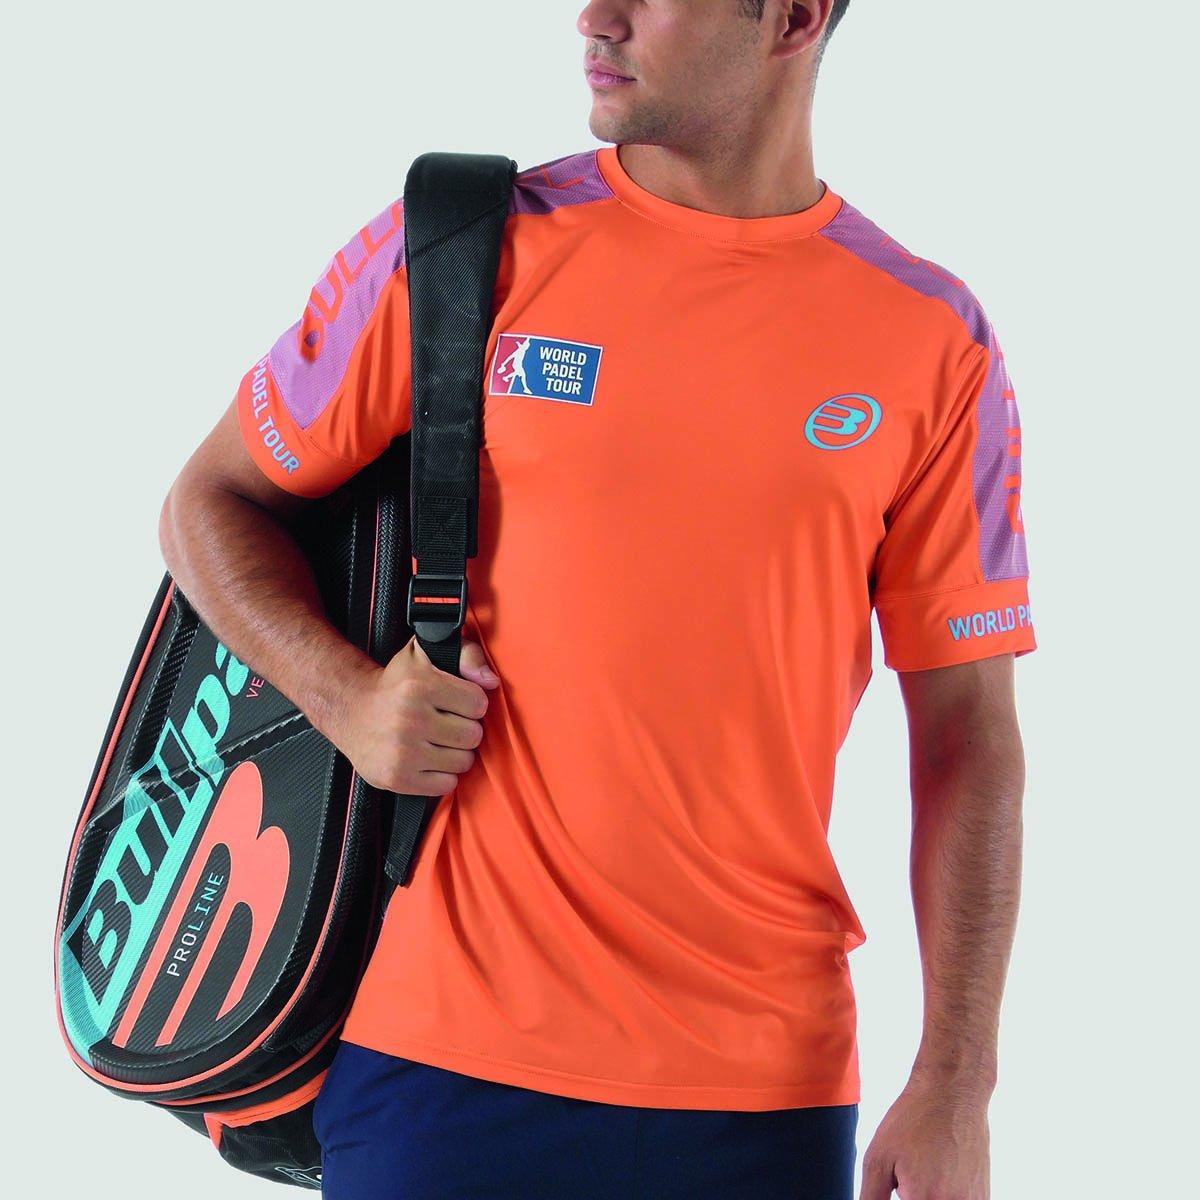 Camiseta hombre padel Chia (M): Amazon.es: Deportes y aire libre